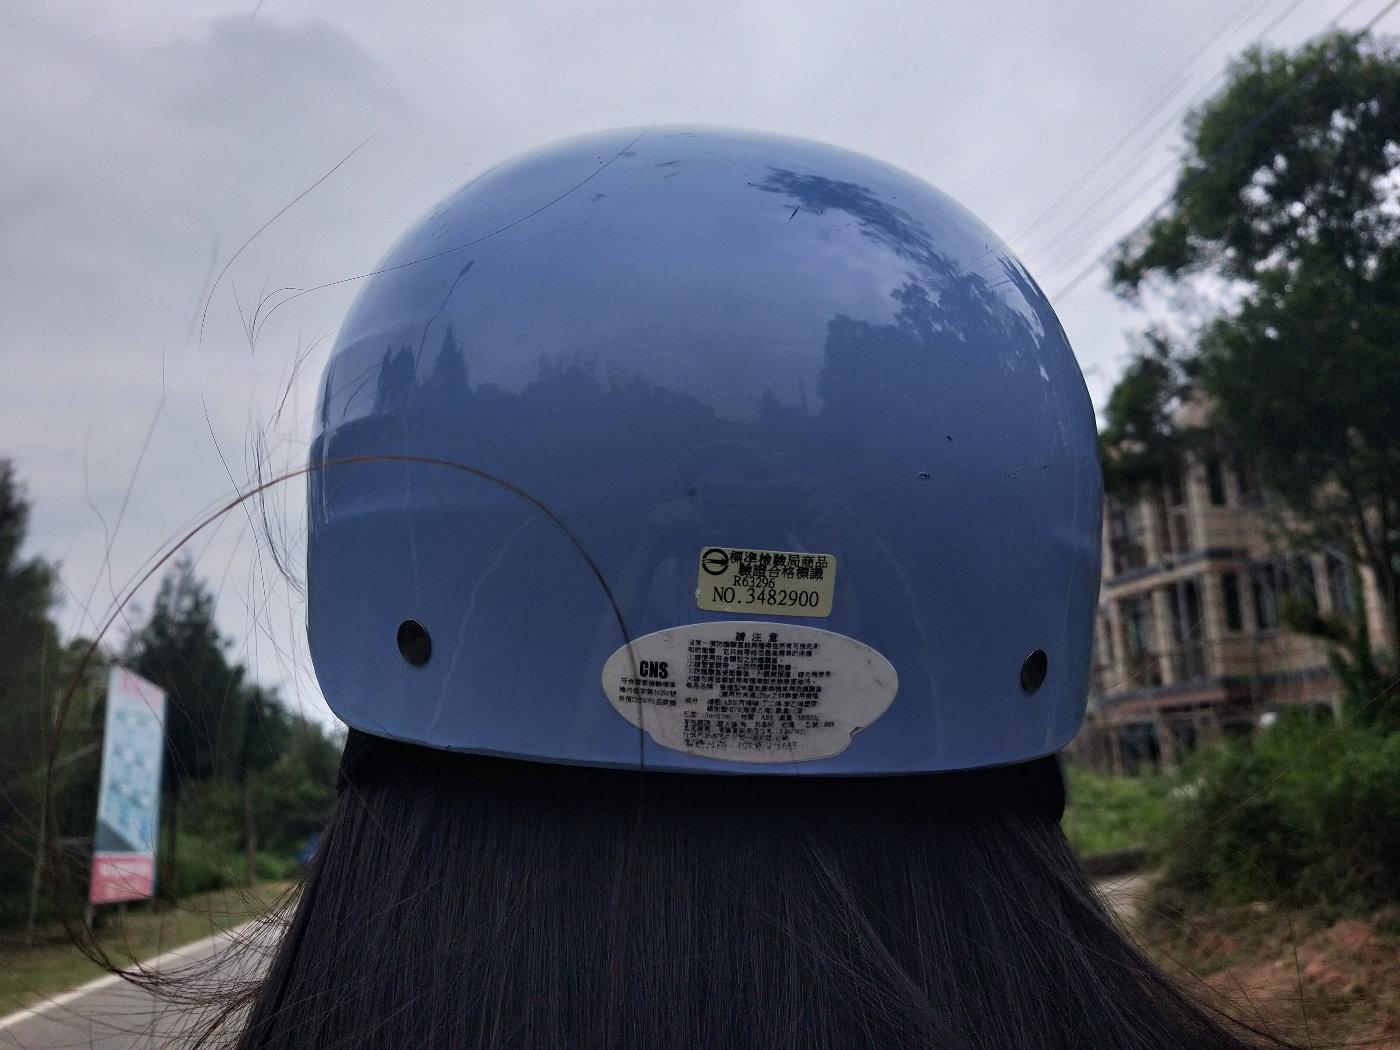 来欣赏lala师傅美丽的头盔